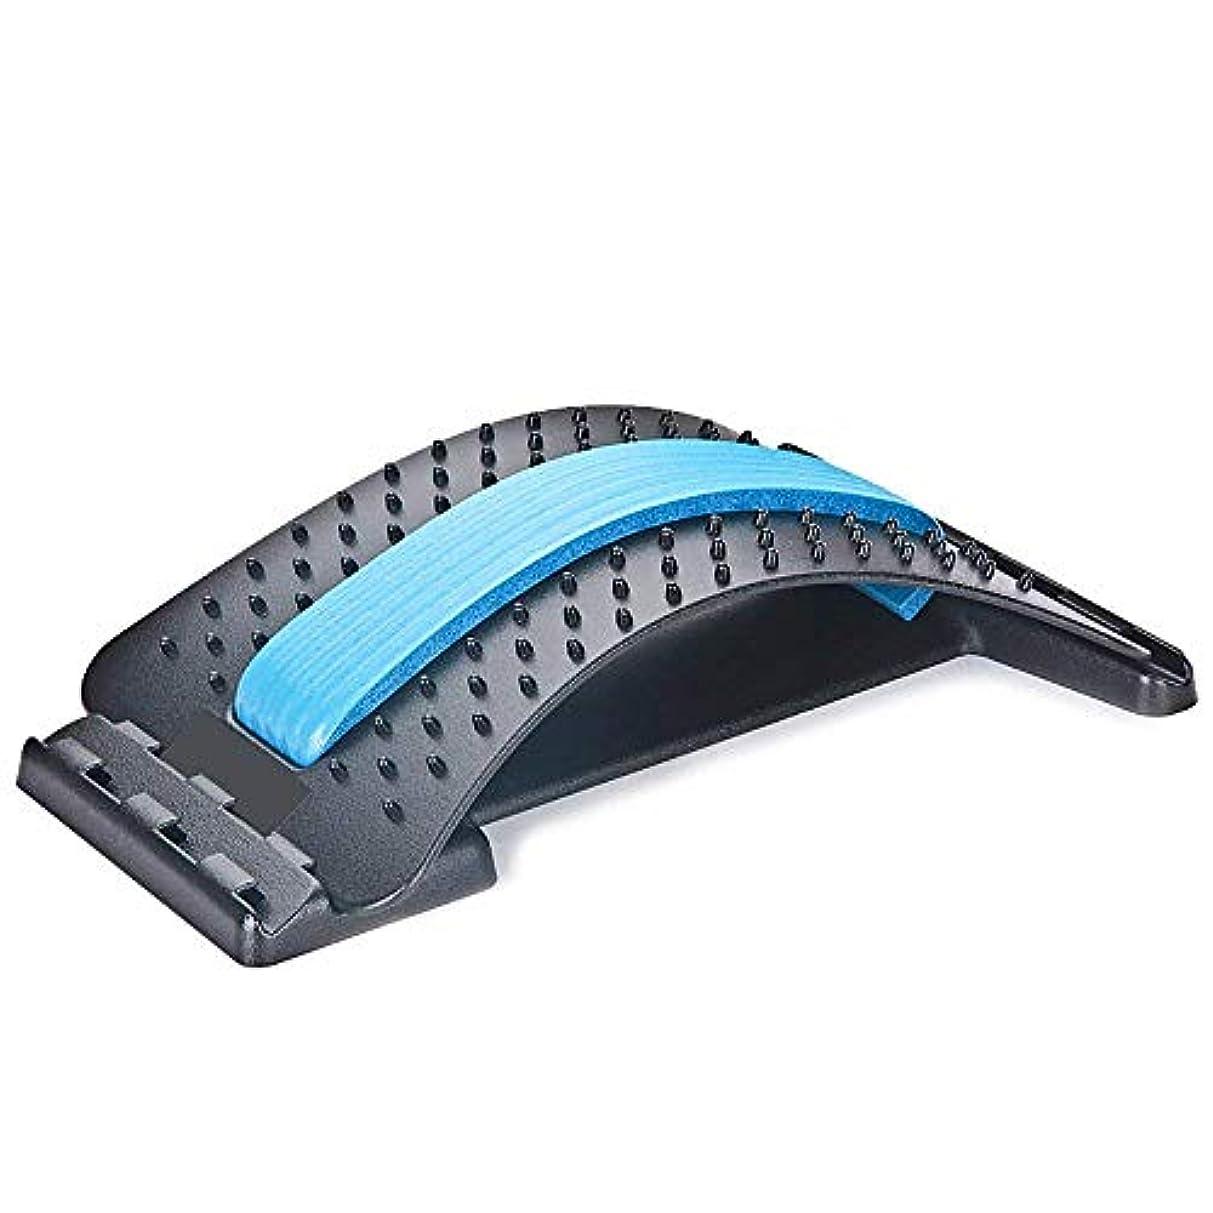 アリス暖かさ吸収マジックバックストレッチャーランバーストレッチングサポートデバイス姿勢矯正器用上下腰痛緩和、バックサポート用オフィスチェアと筋肉の緊張